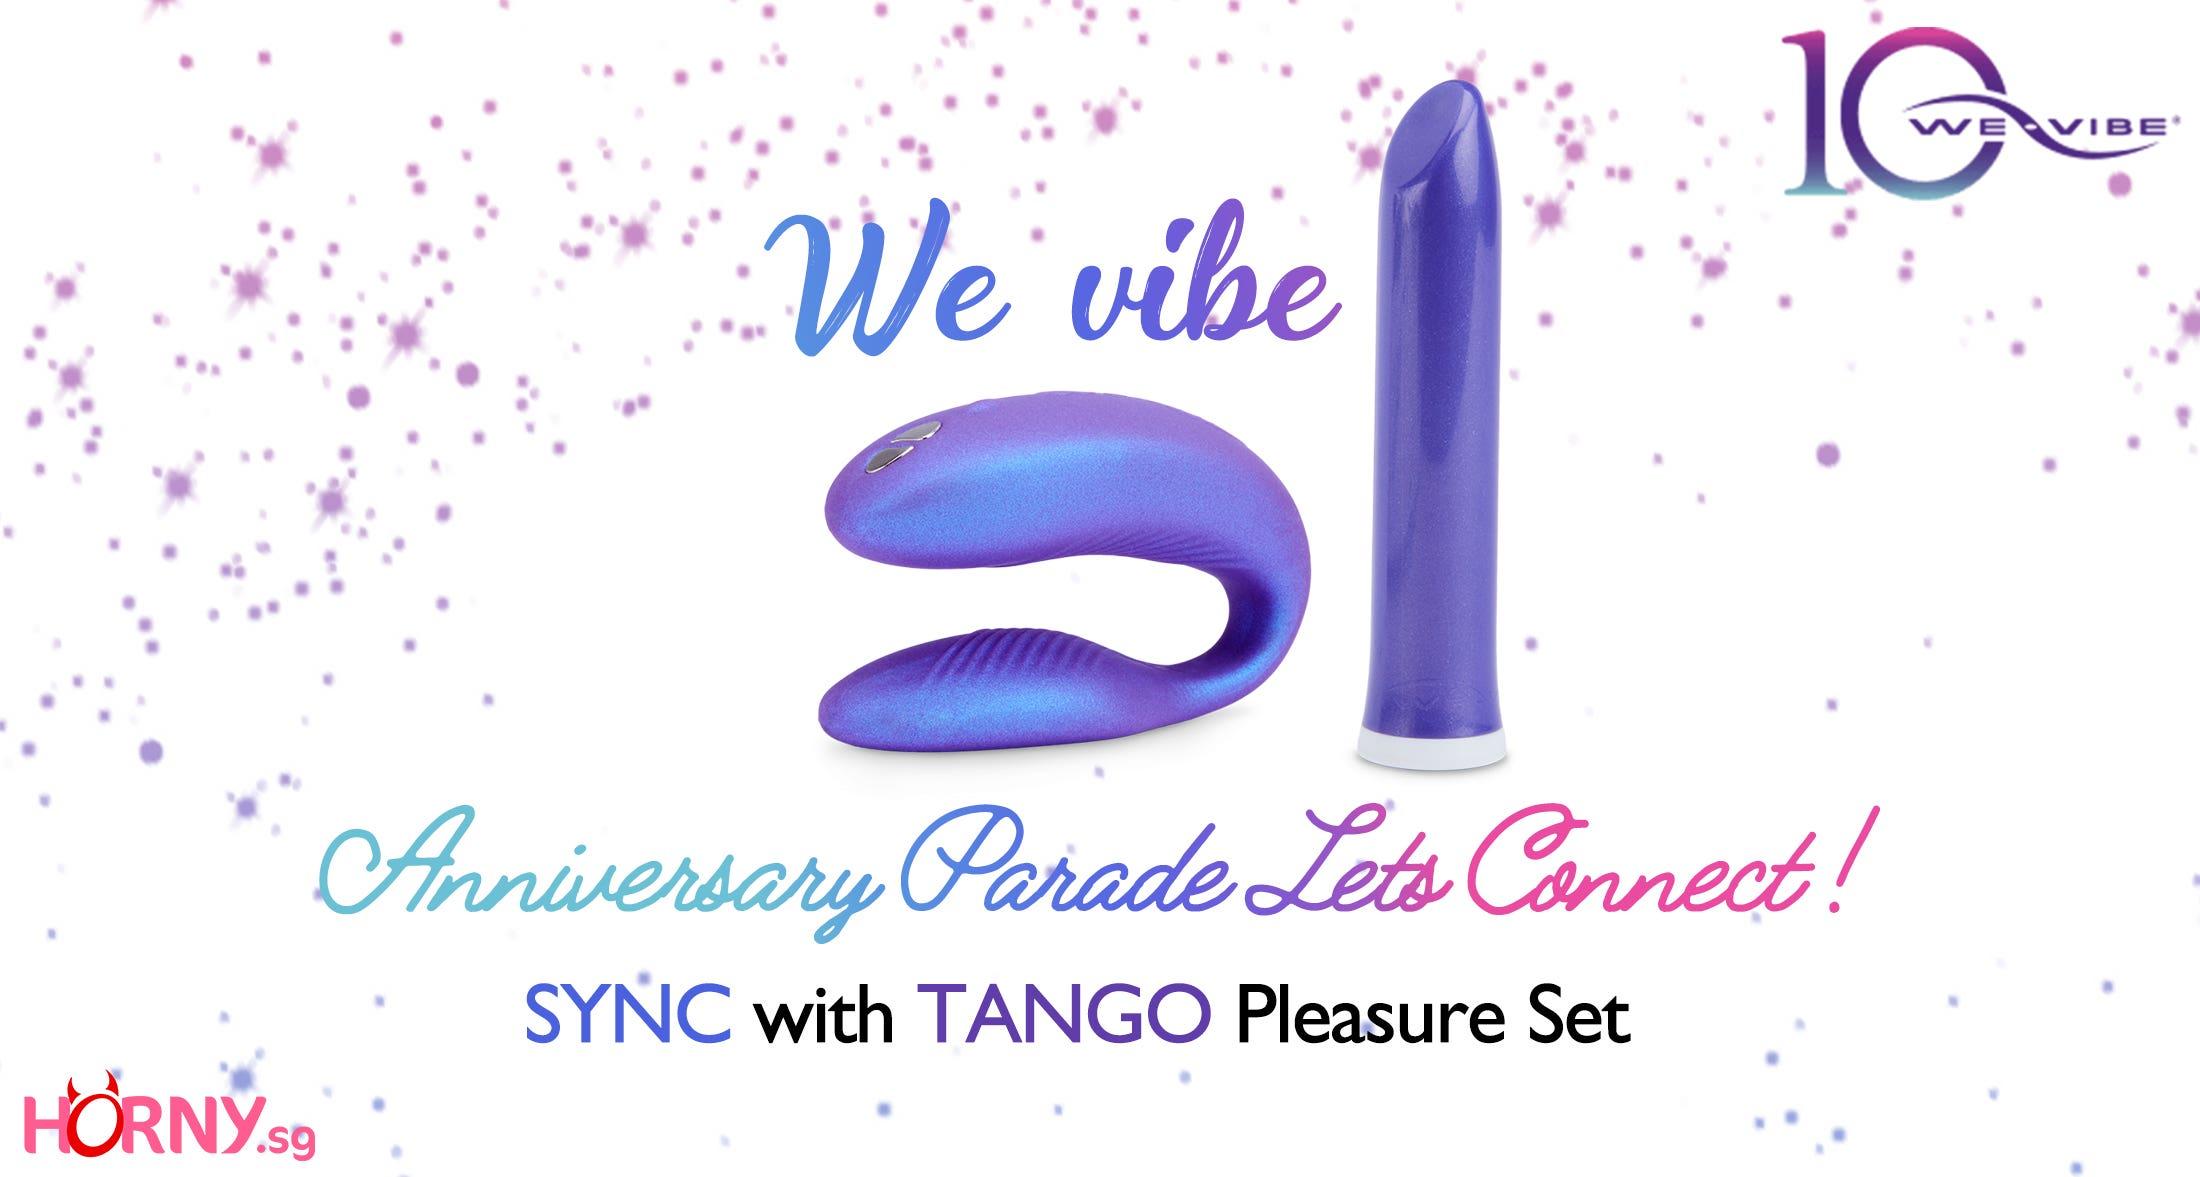 Wevibe 10 Years Anniversary